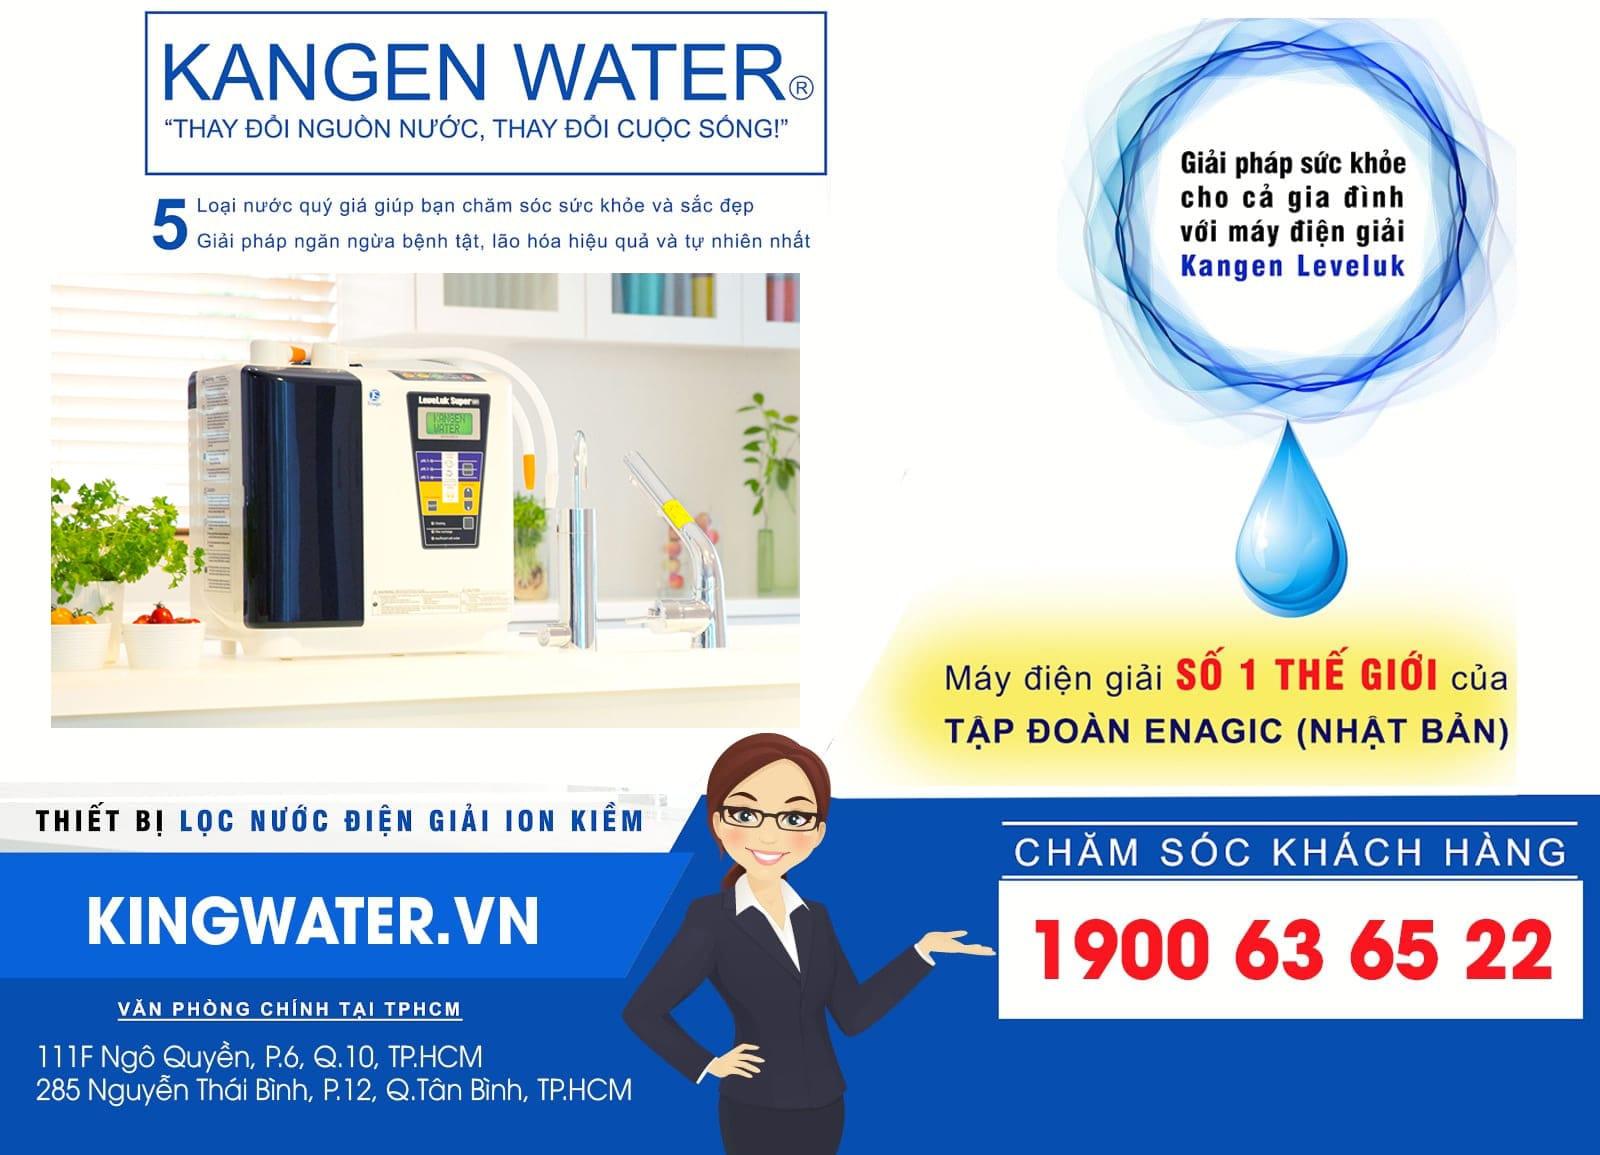 KingWater là địa chỉ uy tín phân phối Kangen được khách hàng ưu tiên lựa chọn hàng đầu